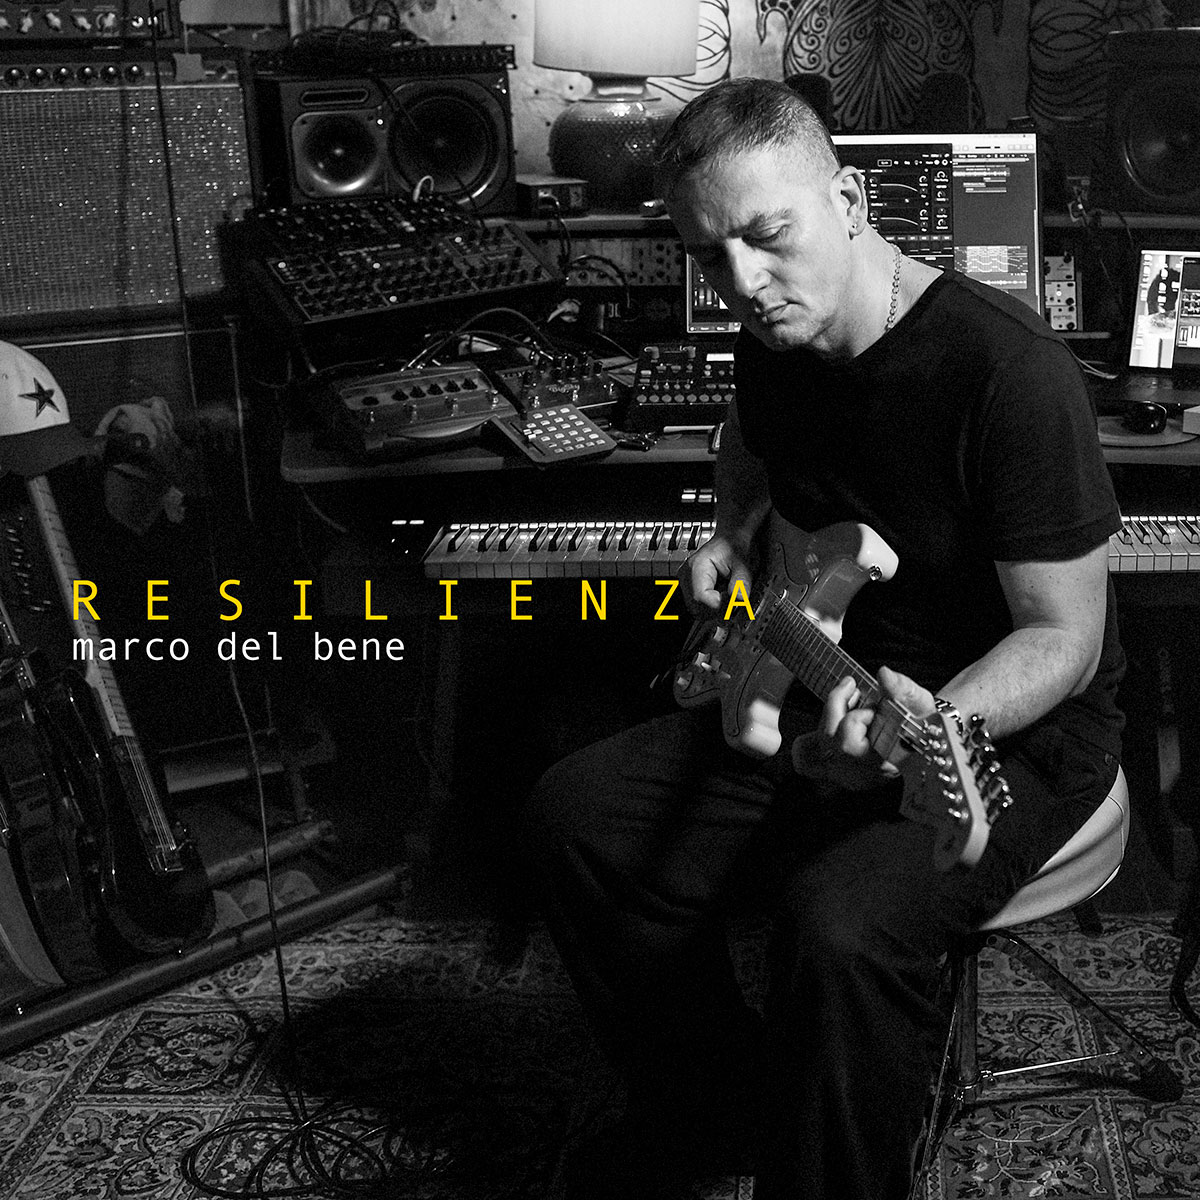 Resilienza, cover del singolo